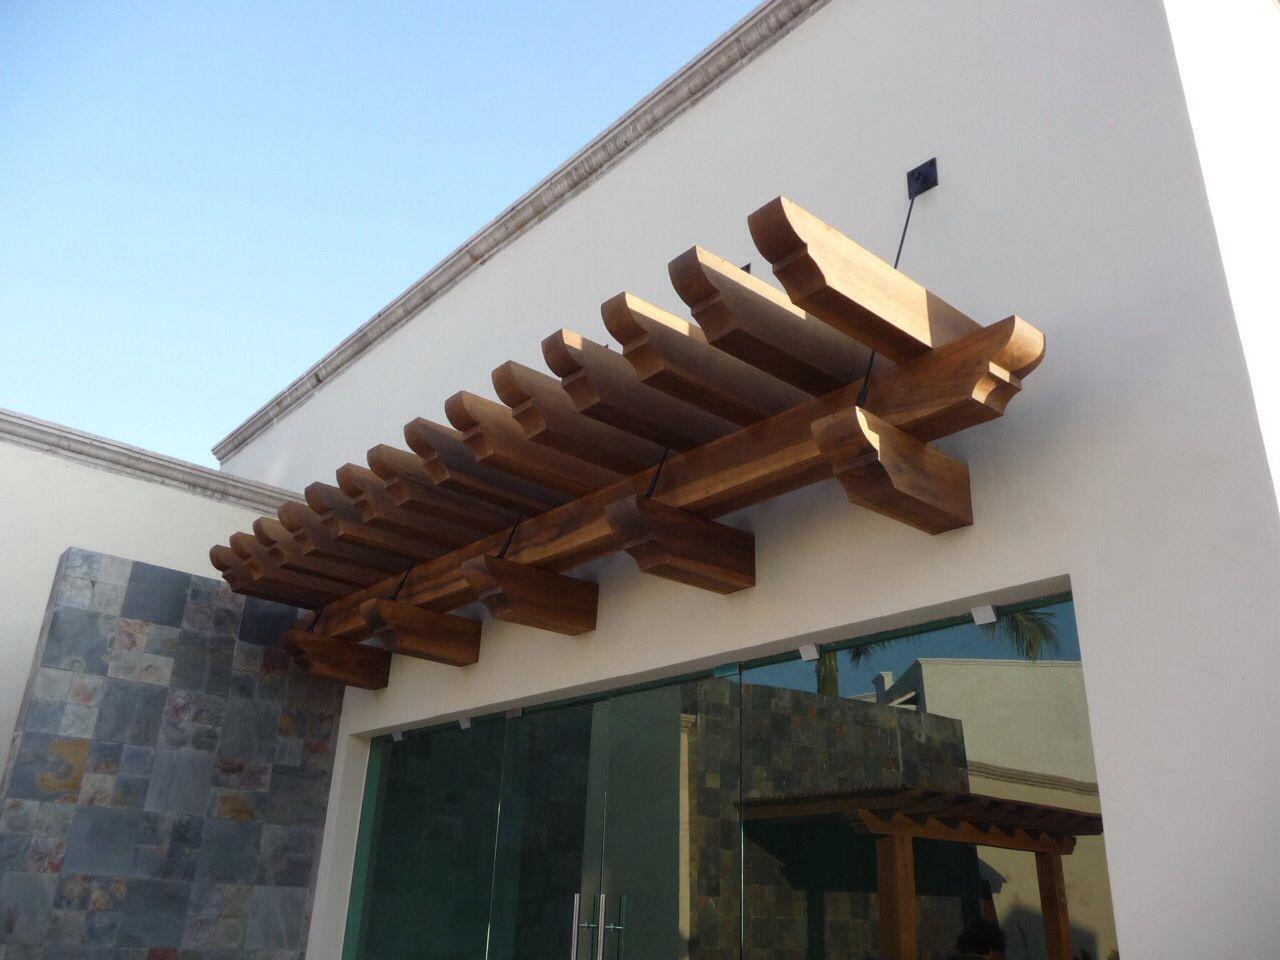 Pergola De Madera Pucte Empotrada A Muro By Tejaban Es